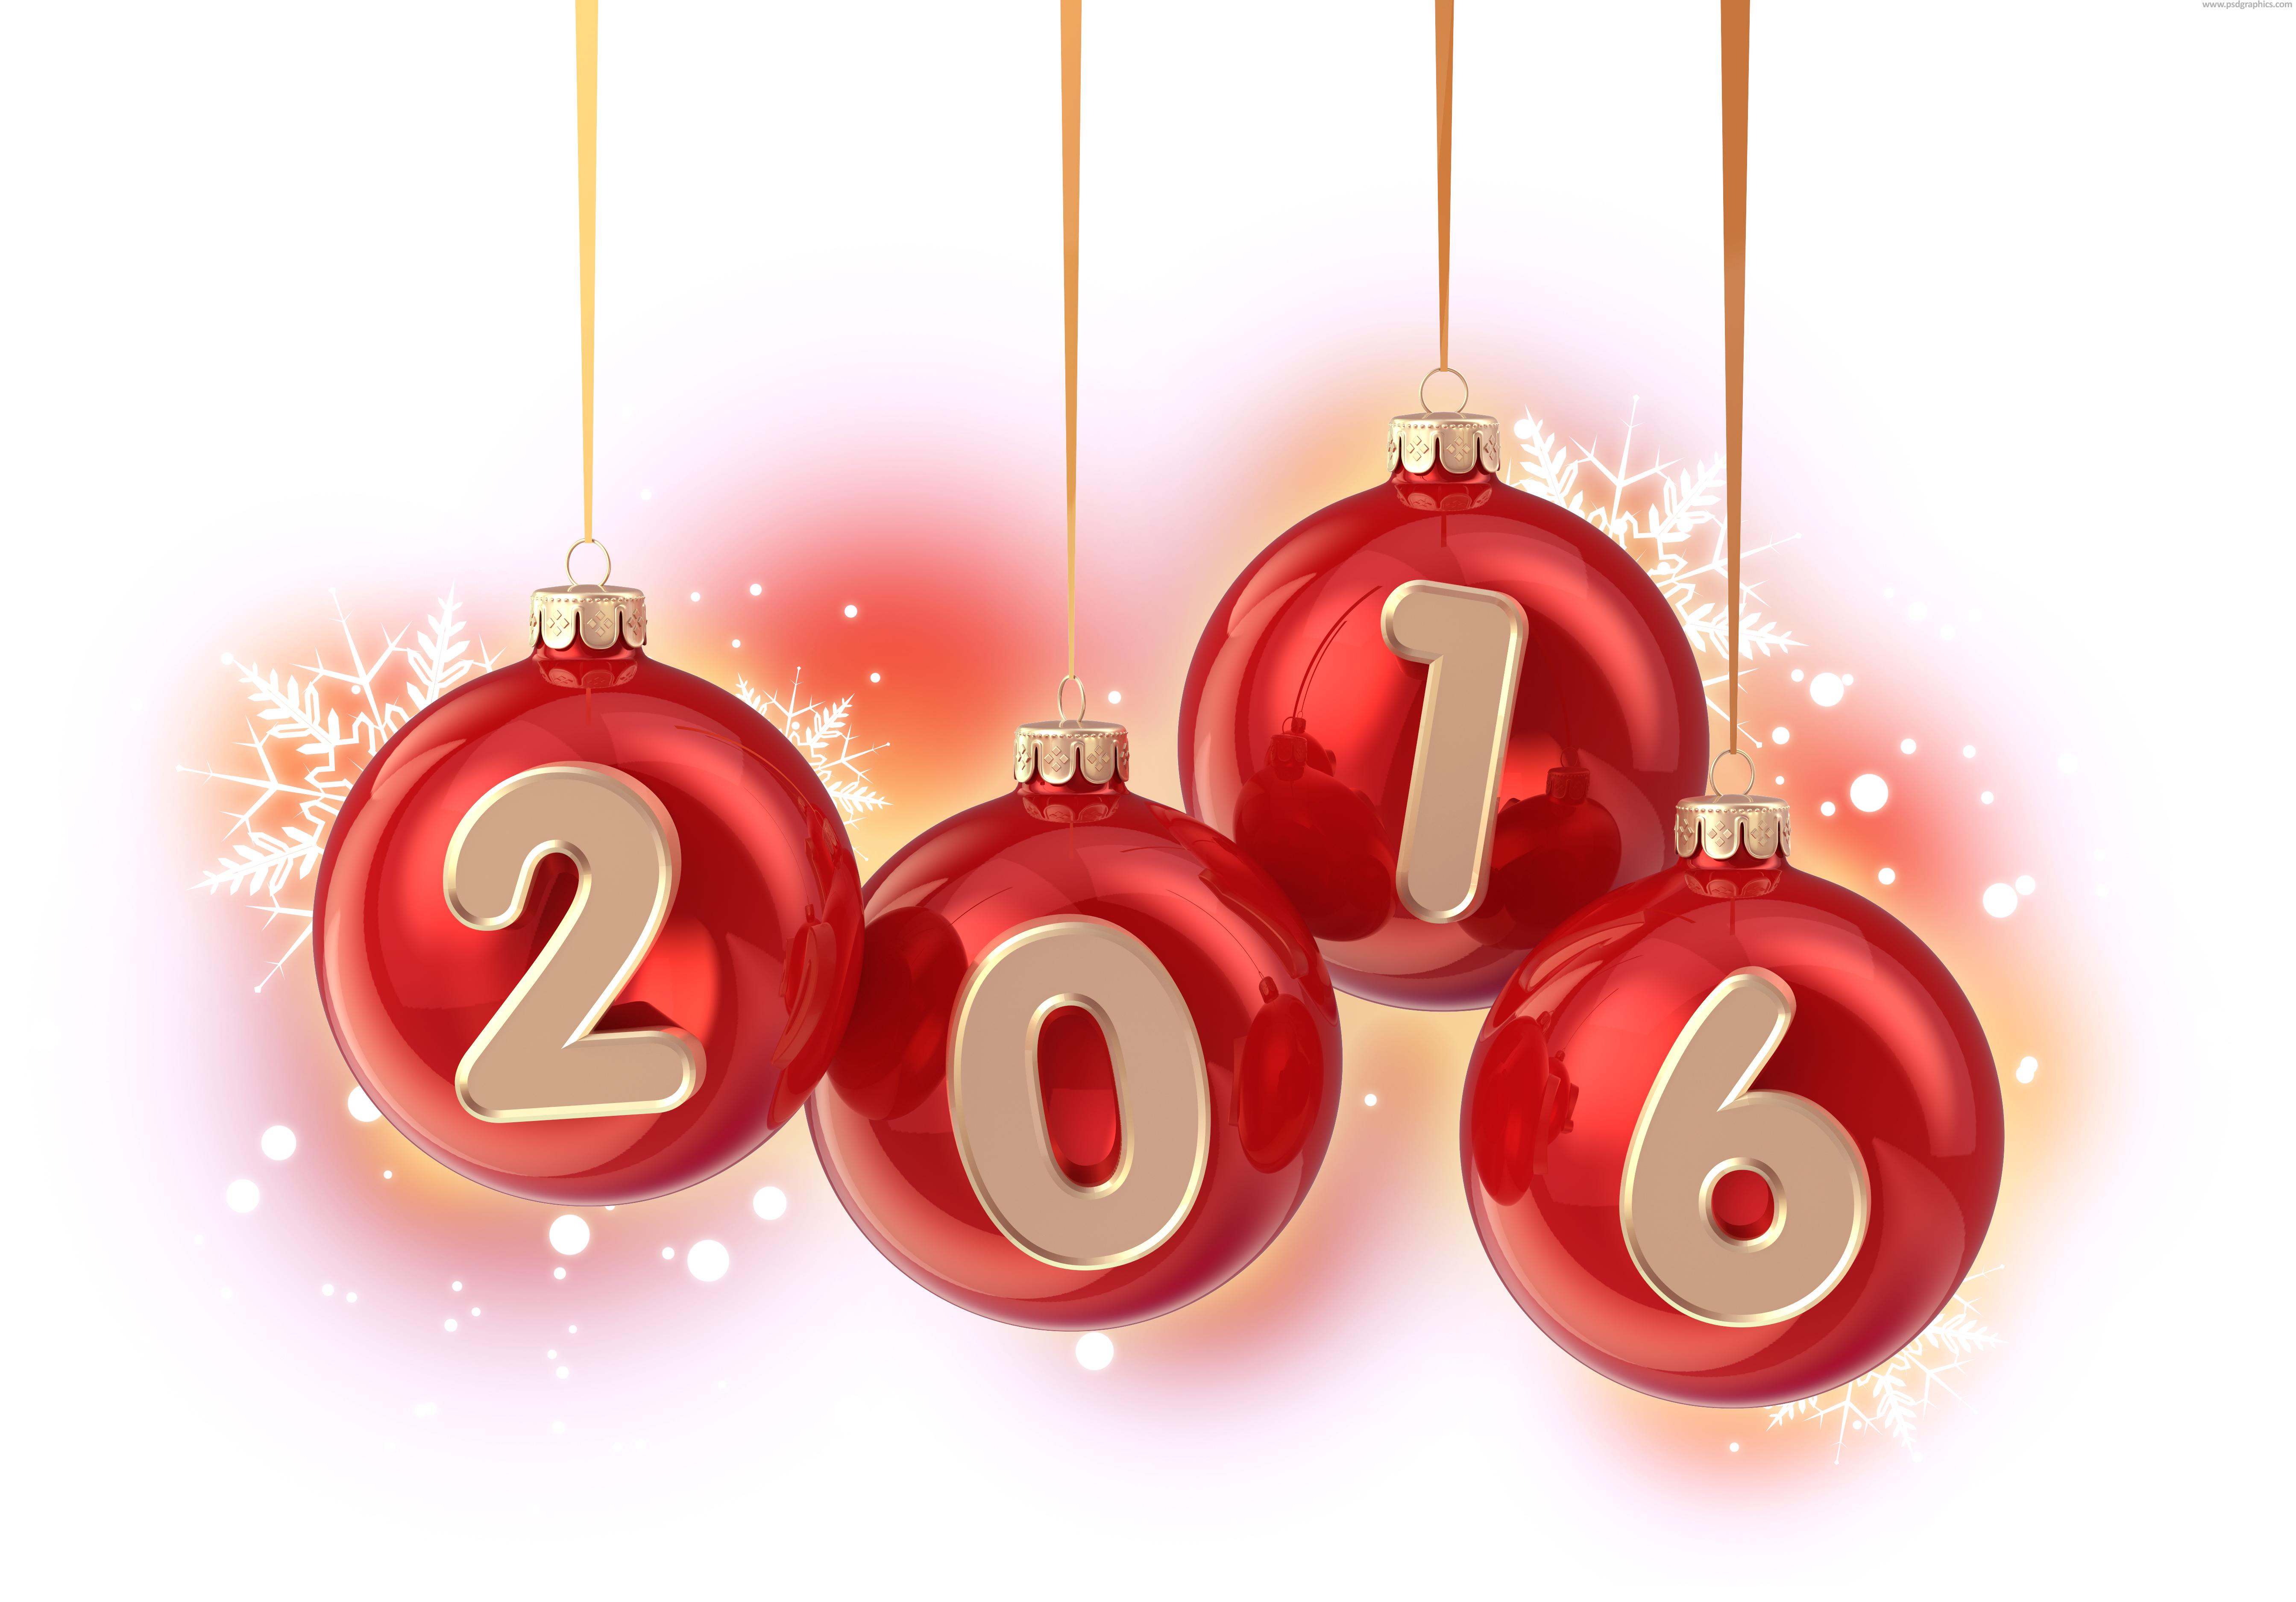 Year 2016 Christmas balls | PSDGraphics